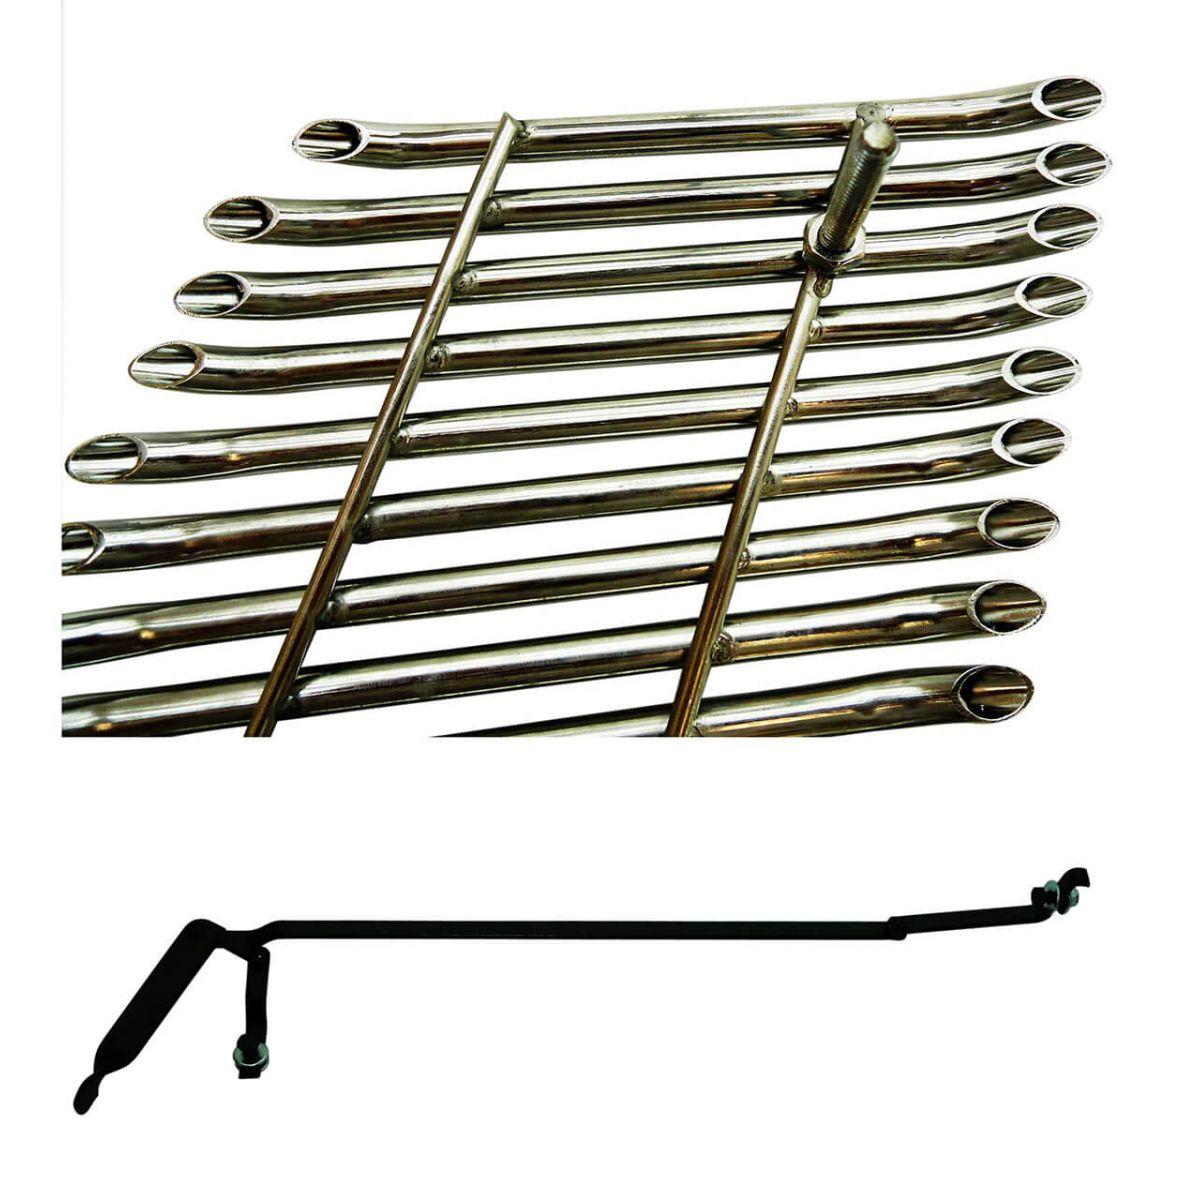 Sobre grade filetada em aço inox S10 2009 a 2011 - kit 3 peças